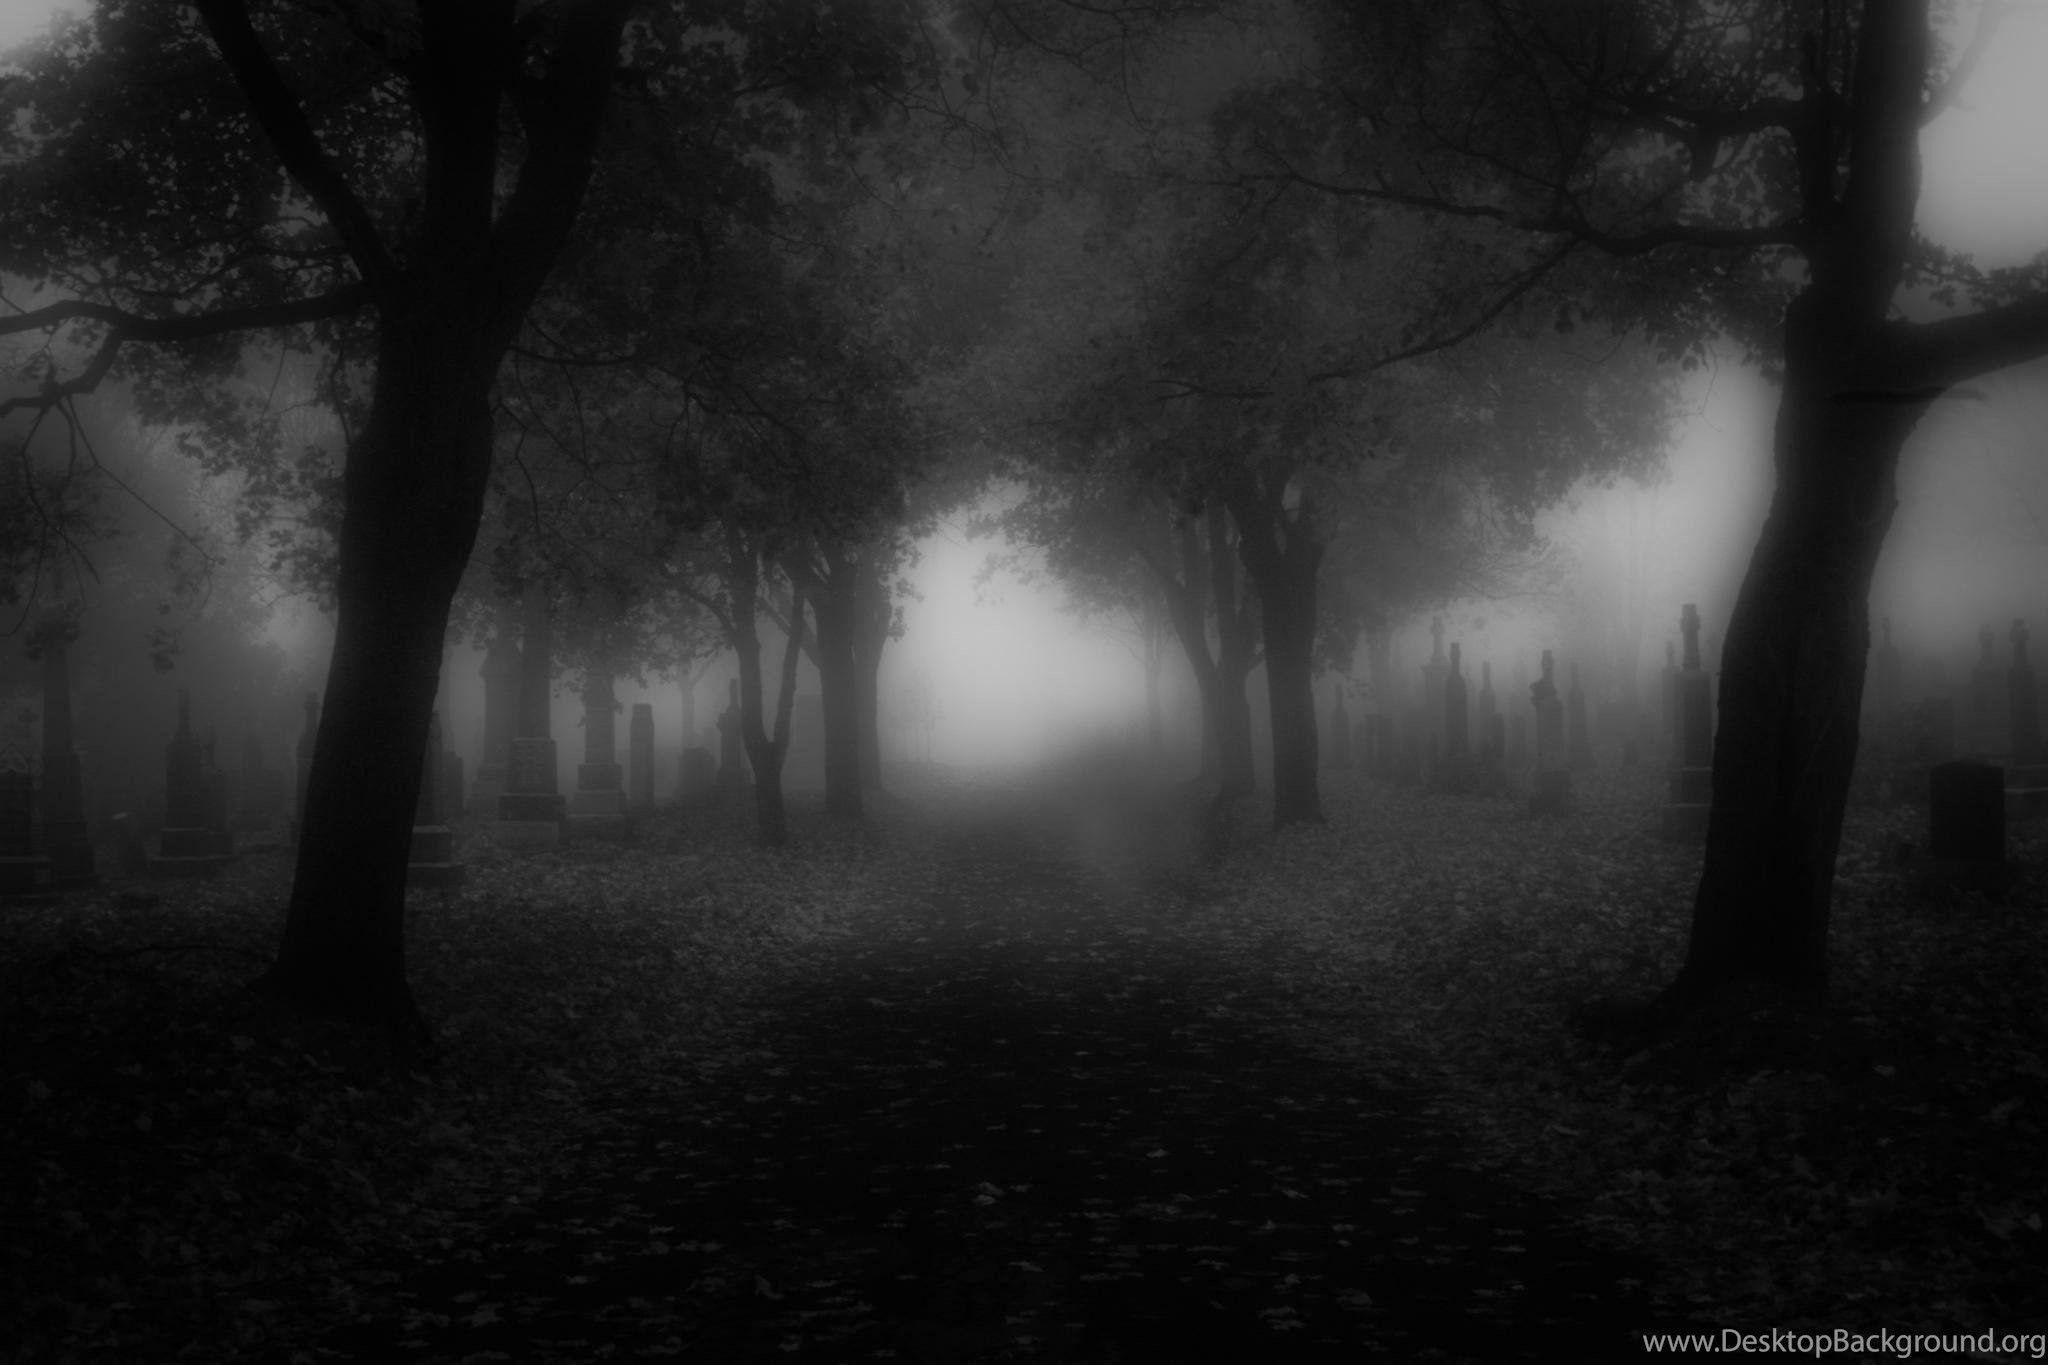 Res 2048x1365 Dark Evil Horror Spooky Creepy Scary Wallpapers Scary Backgrounds Scary Wallpaper Creepy Backgrounds